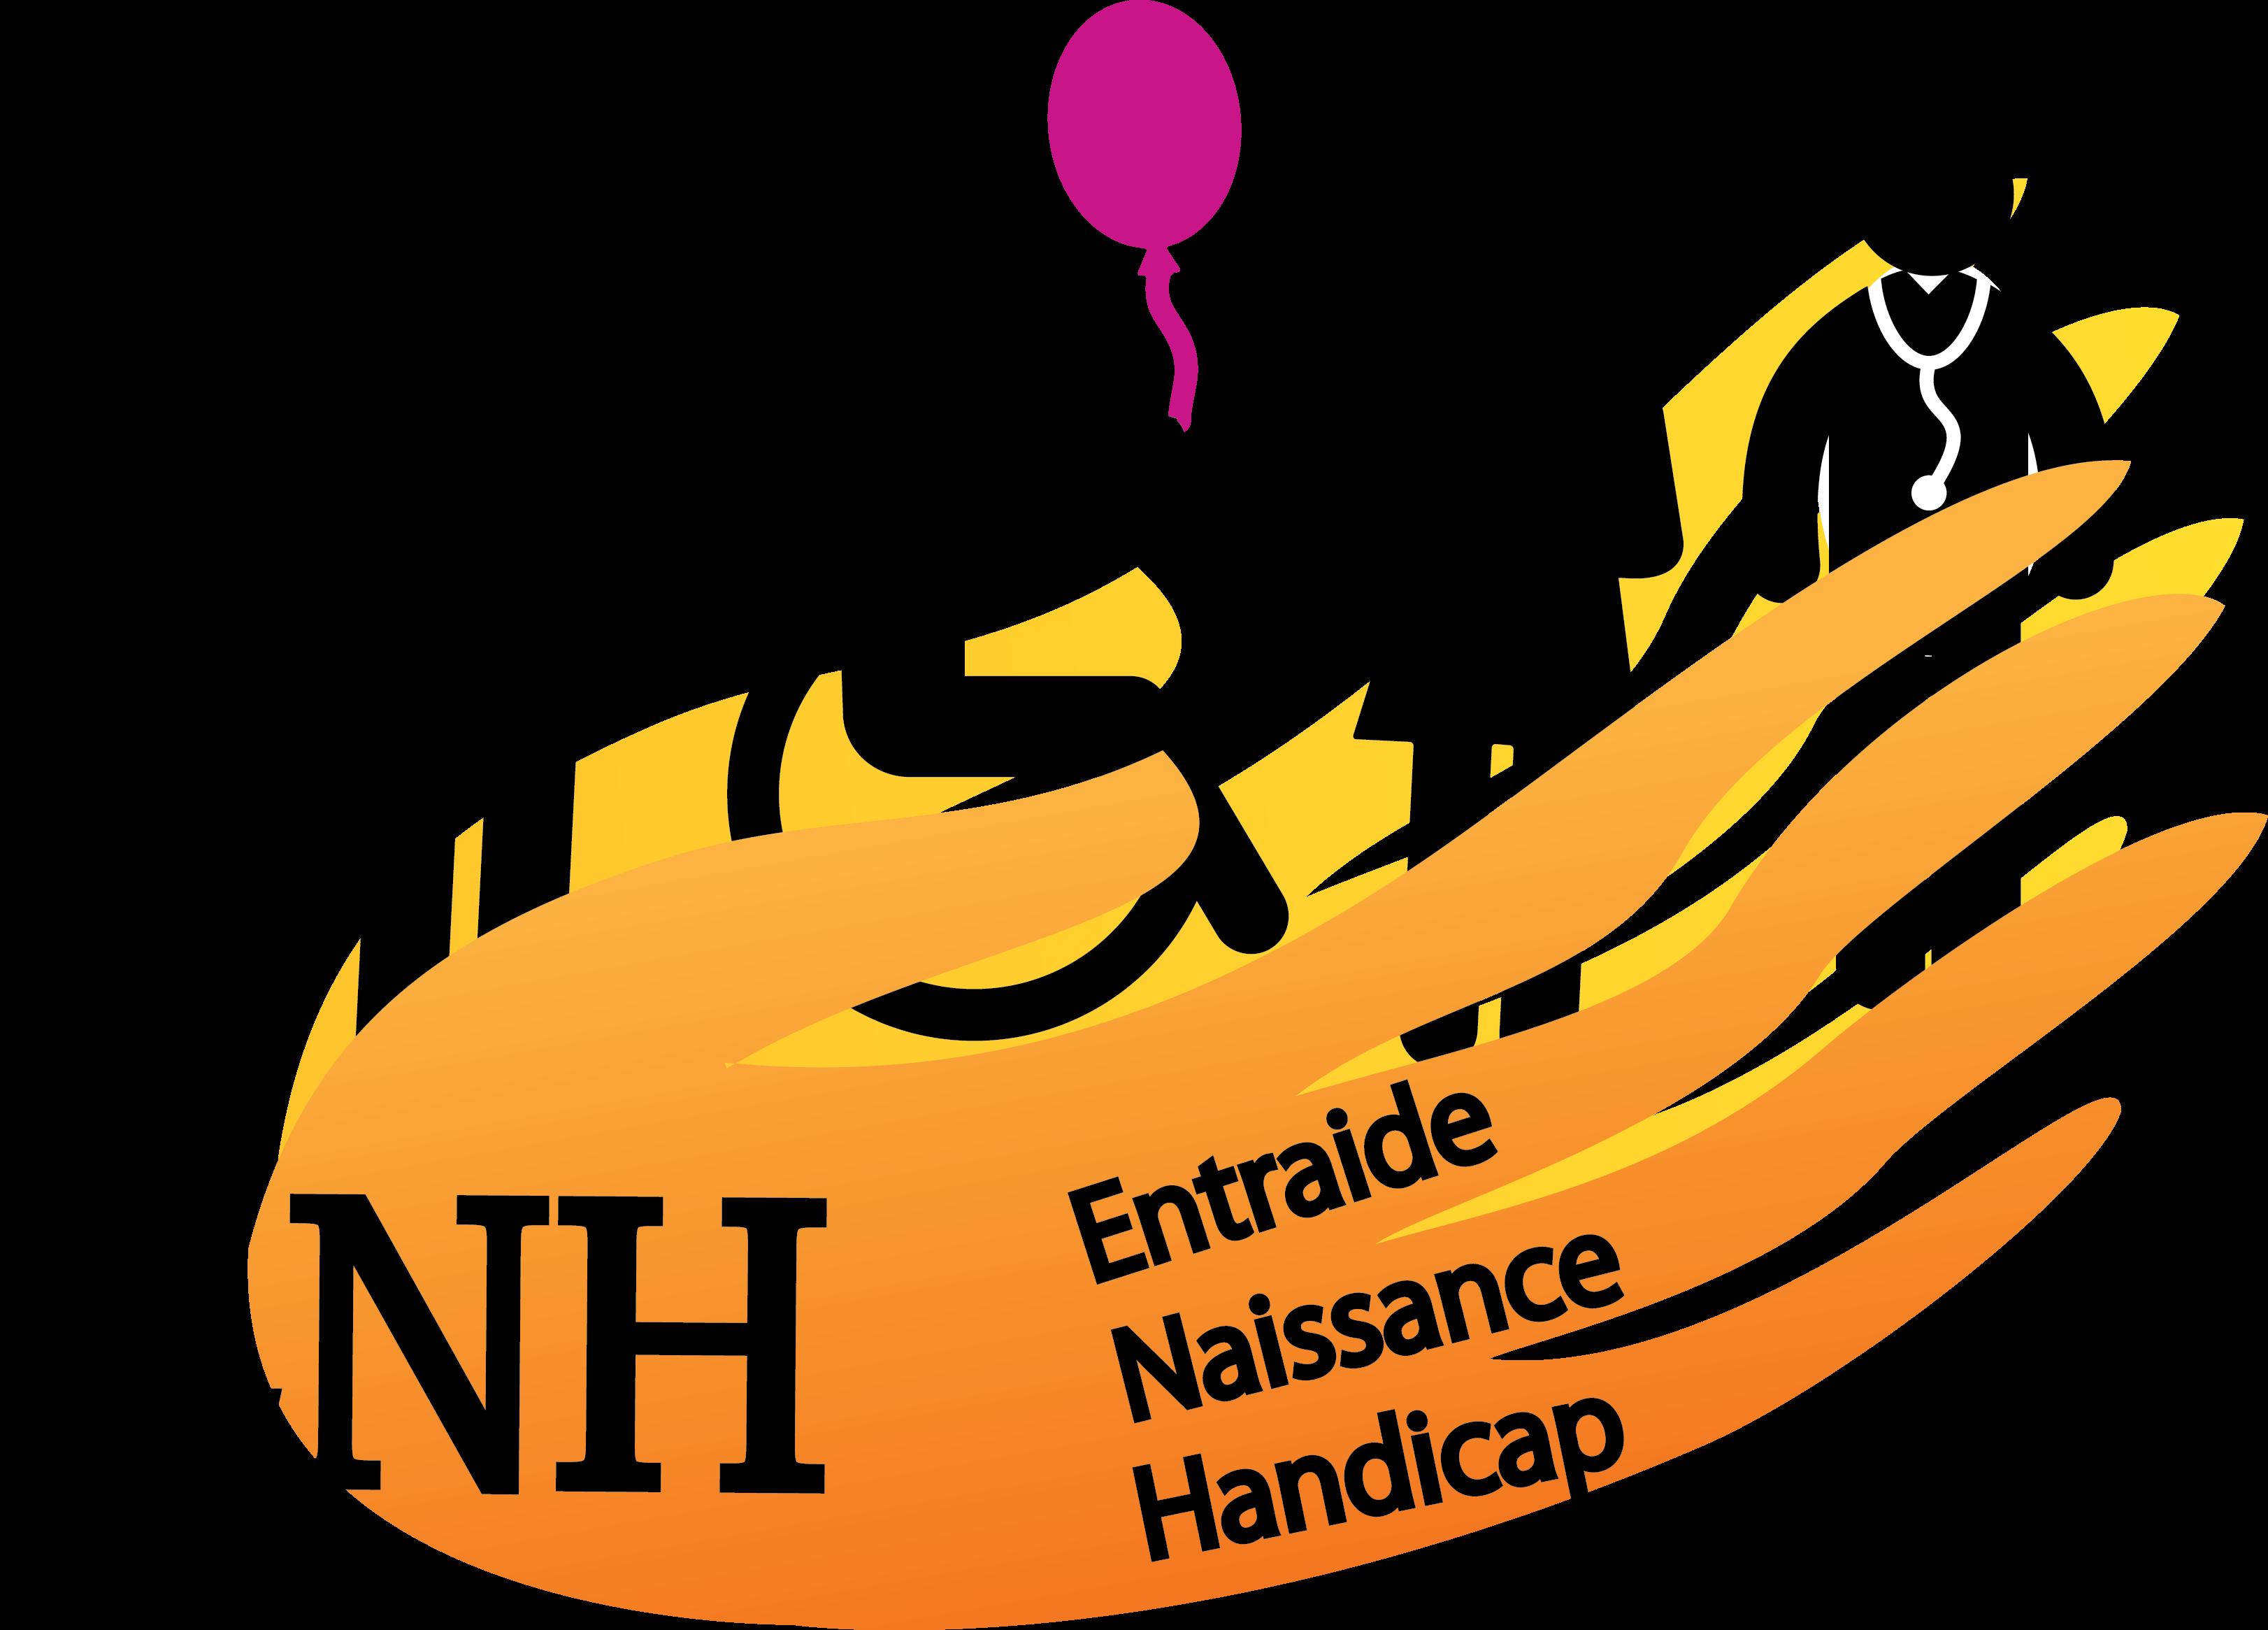 Association Entraide Naissance Handicap 41